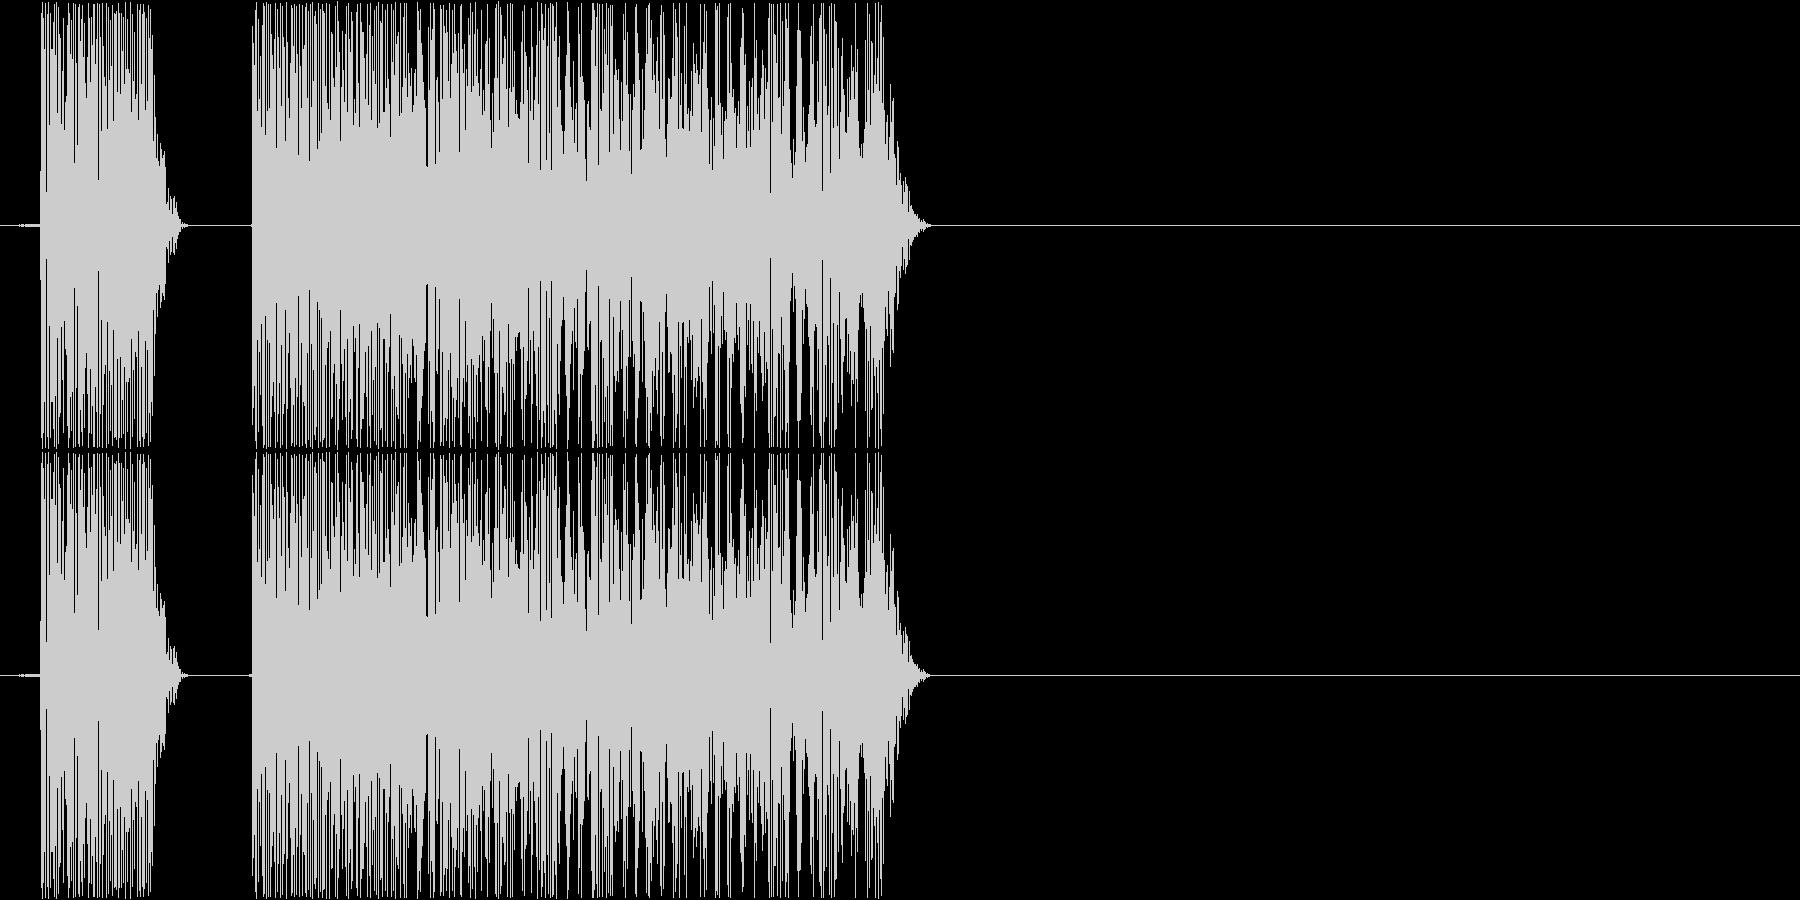 ブブー(PCやロボットのエラー、低い音)の未再生の波形